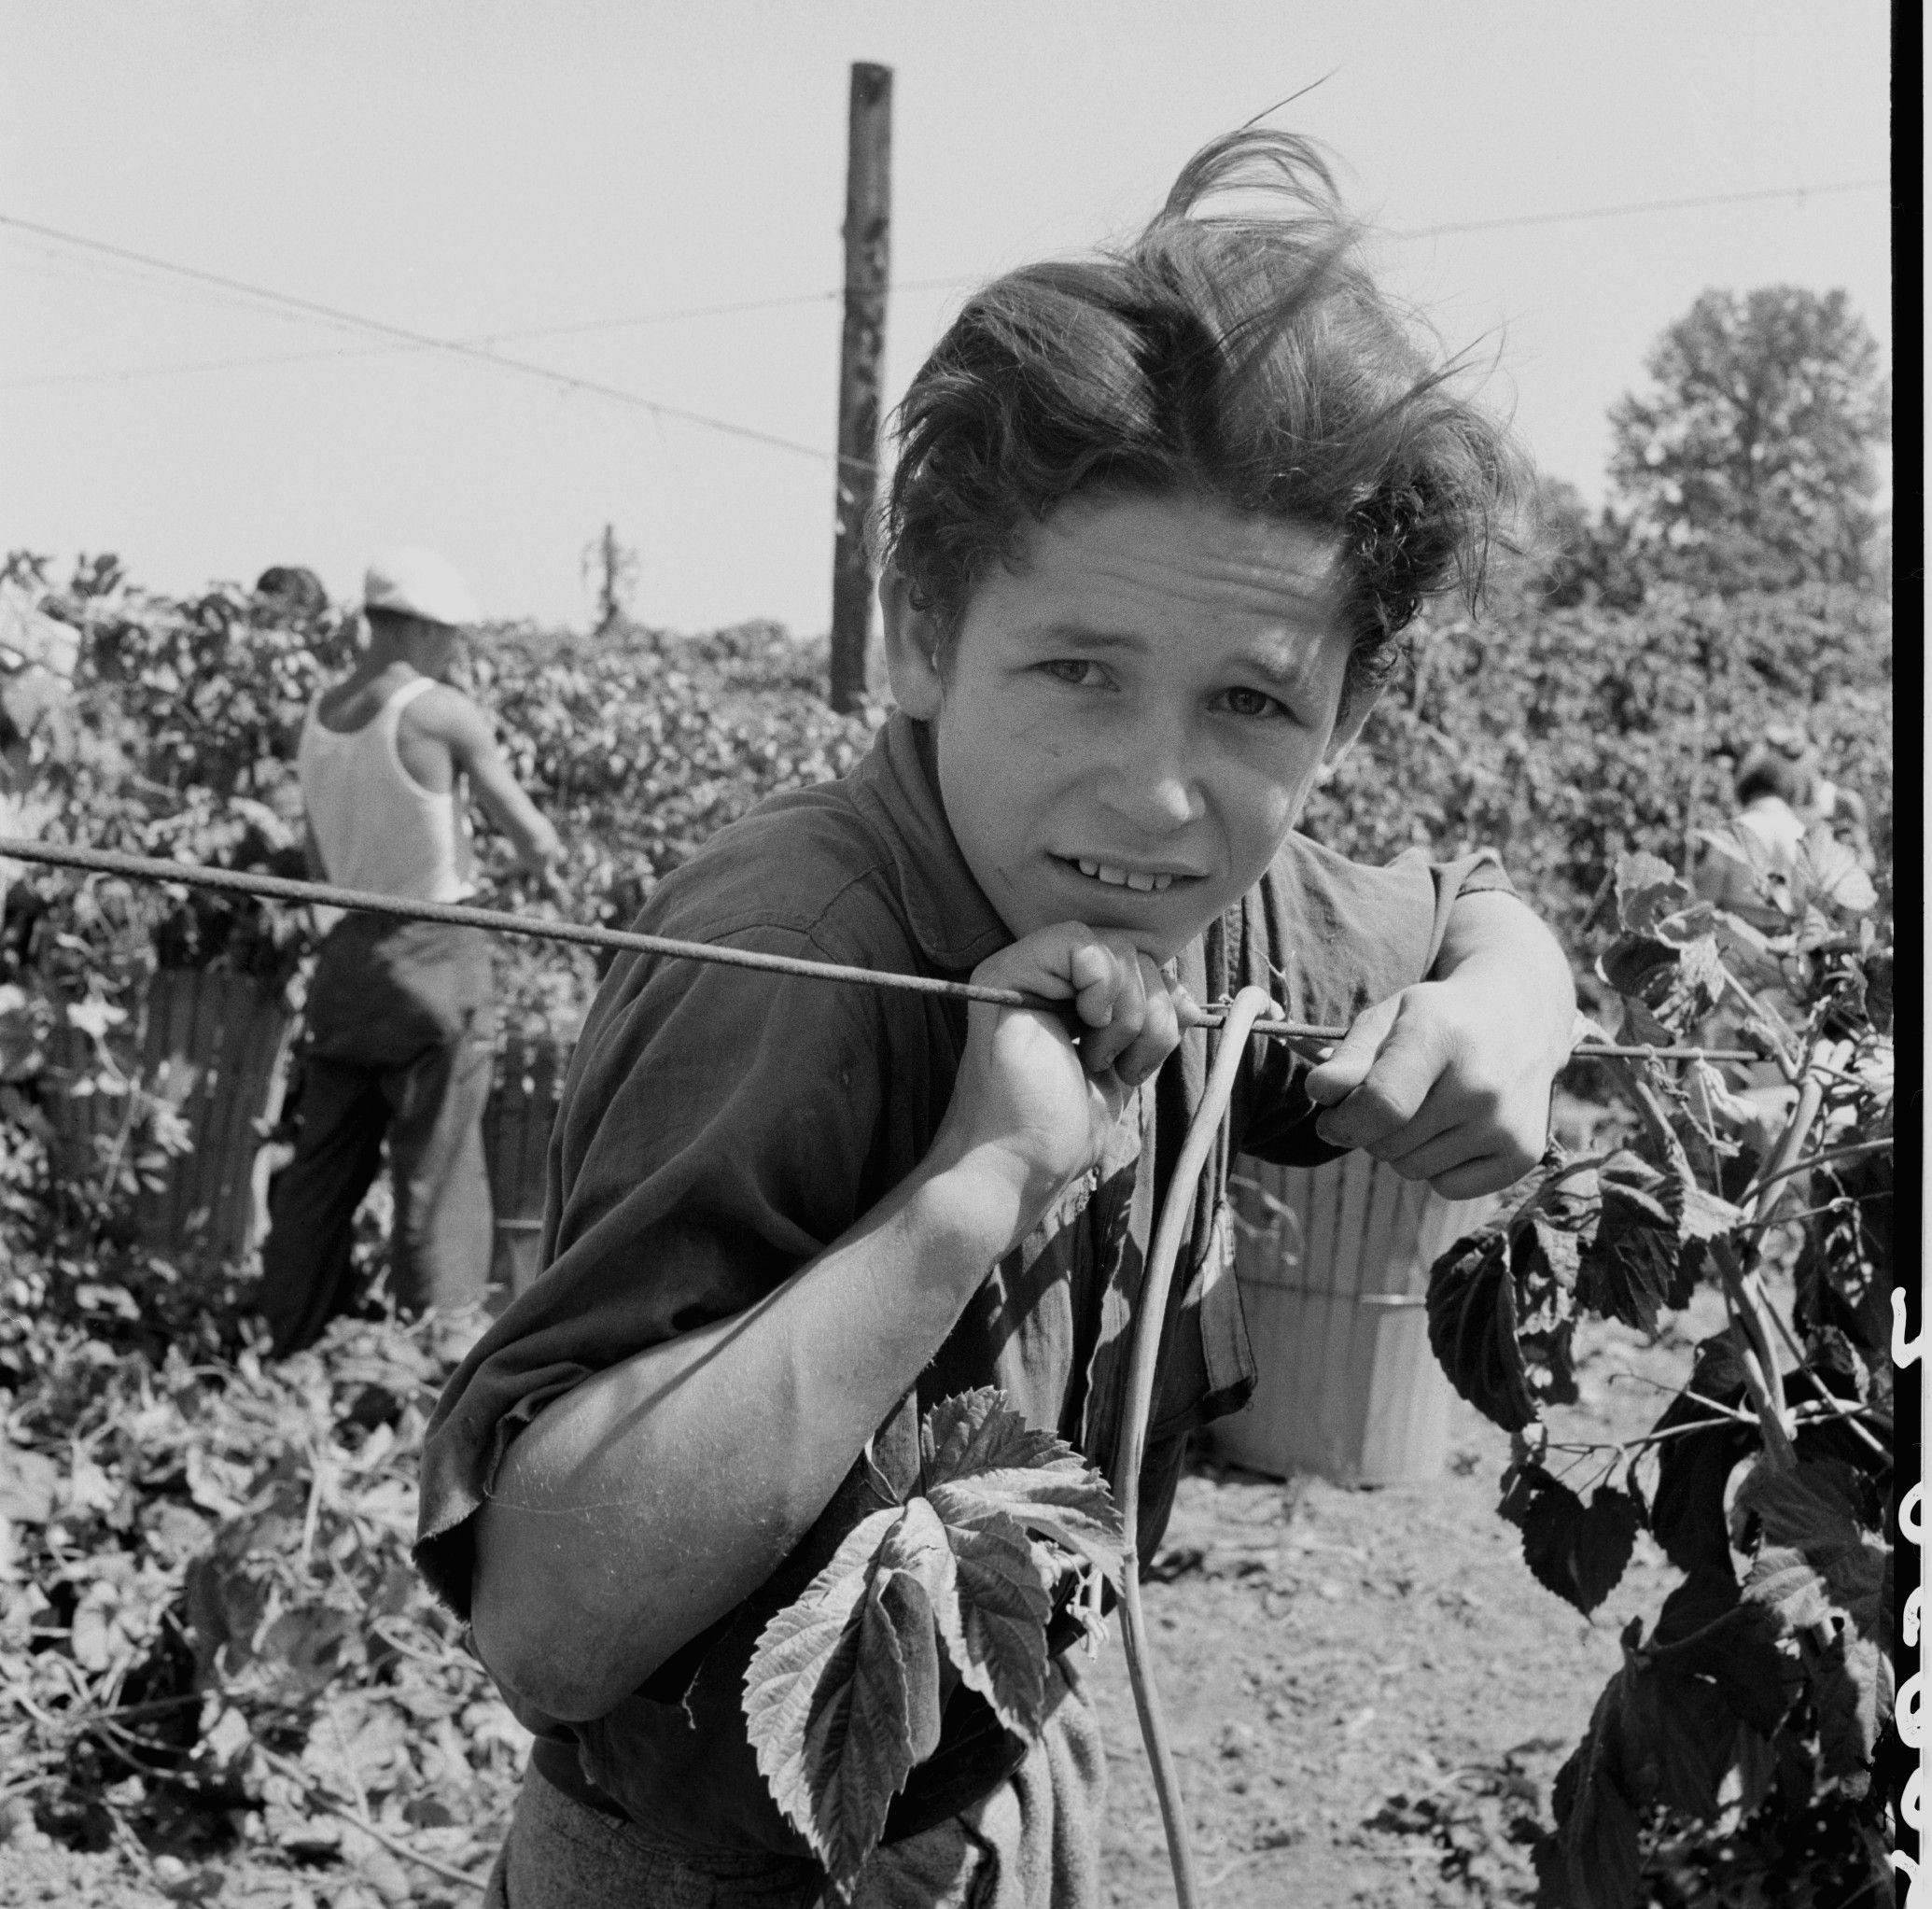 Boy Picking Crops - Δ Dorothea Lange